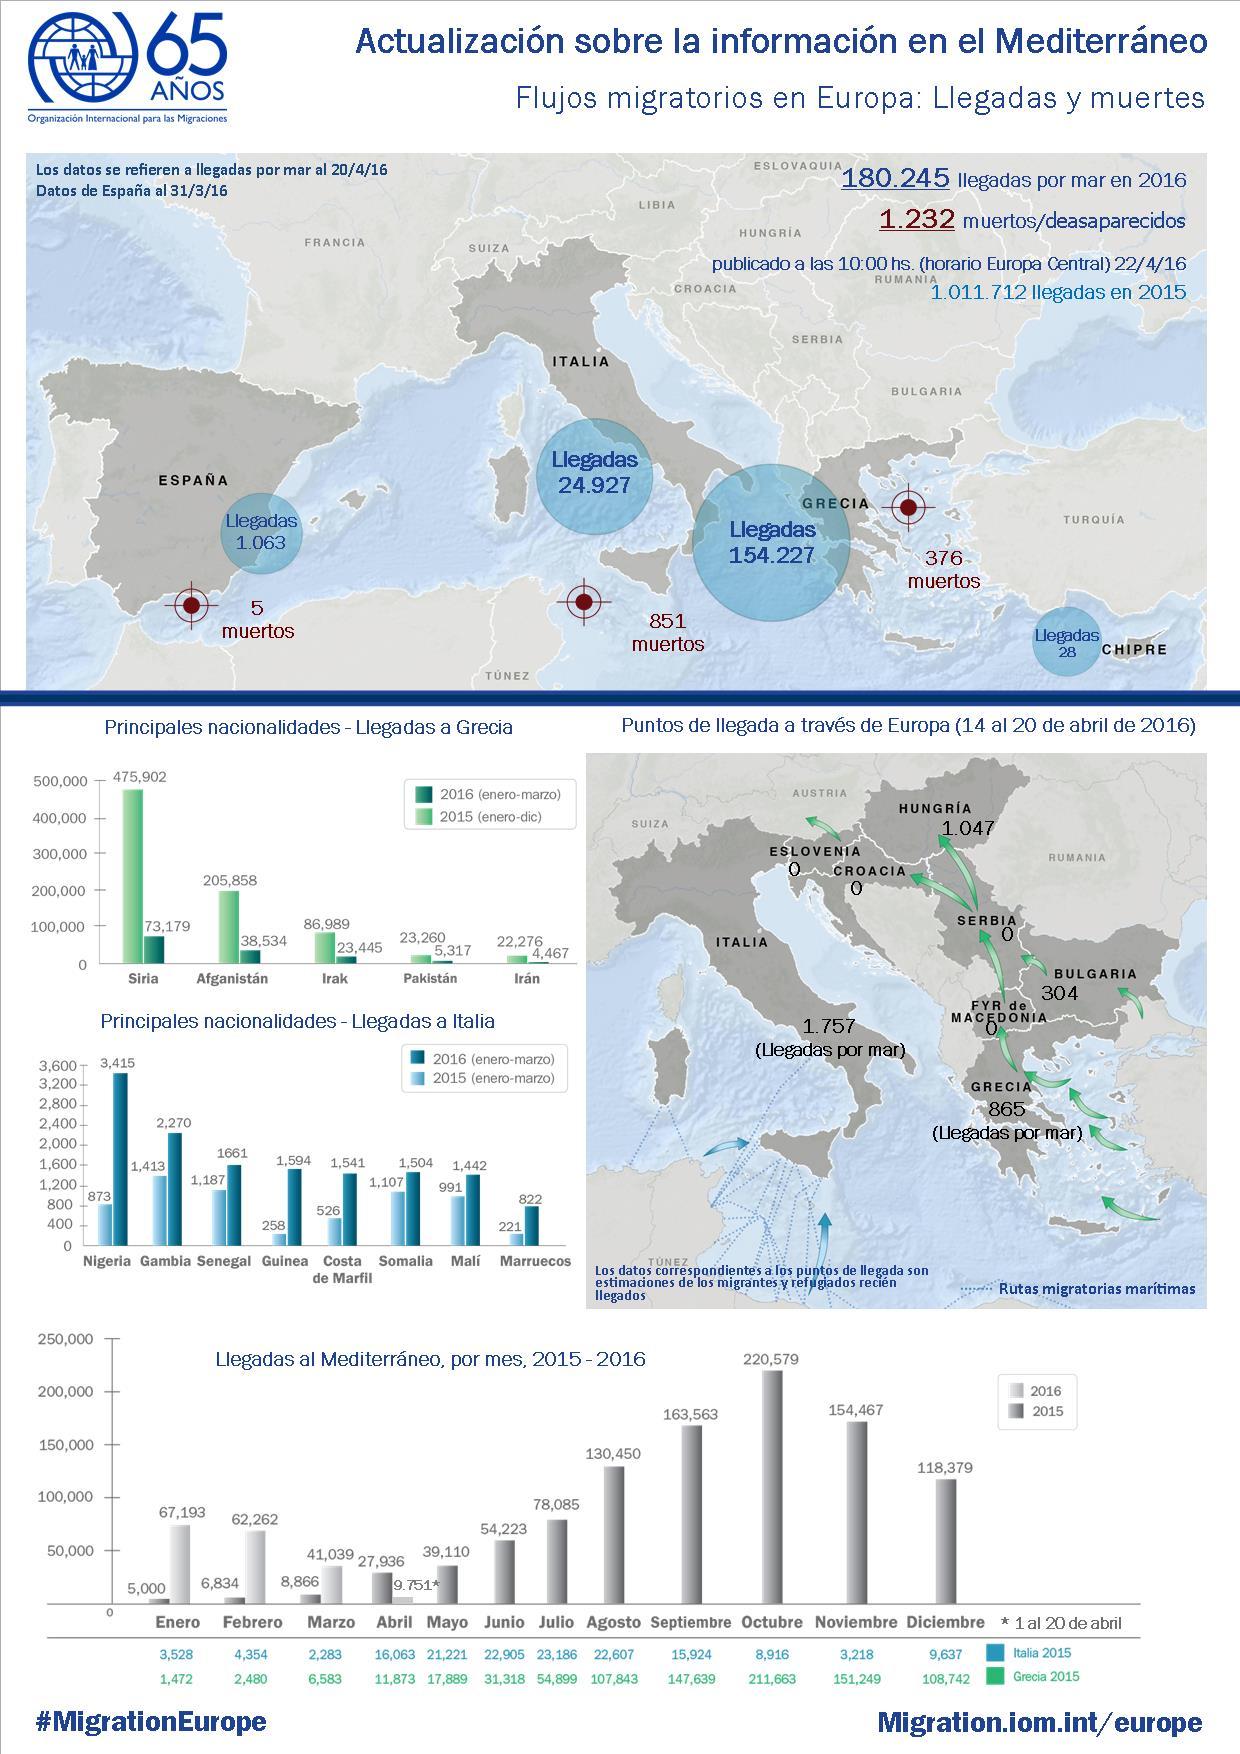 Actualización_sobre_la_información_en_el_Mediterráneo_22_Abril.jpg